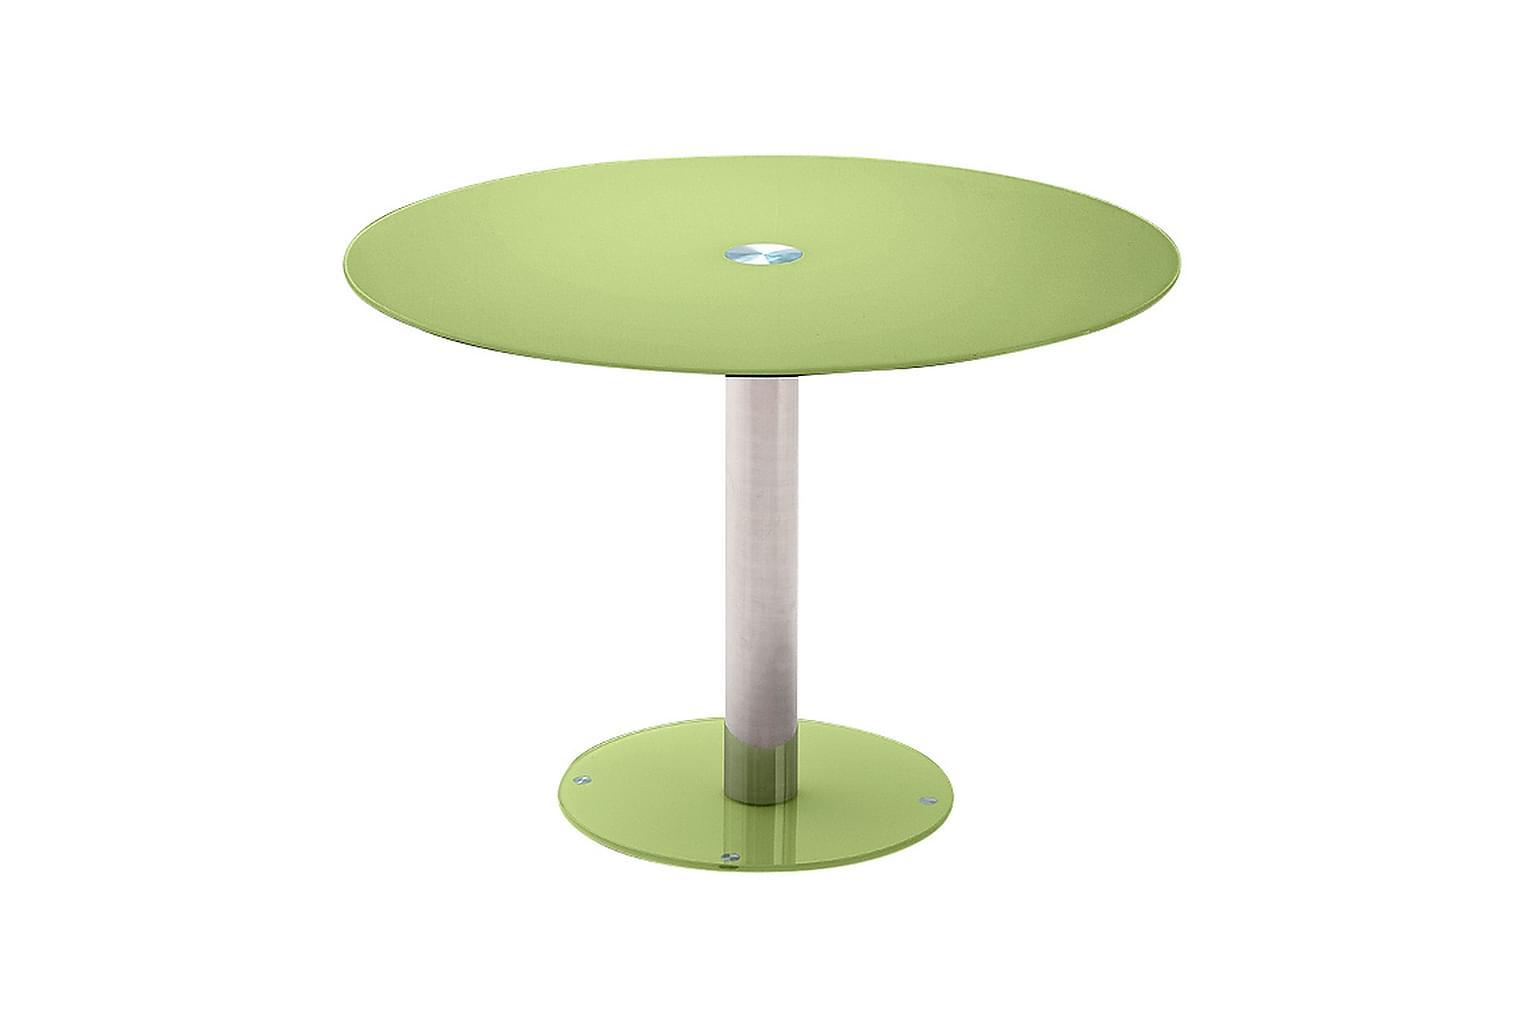 FALKO Pöytä 100 Vihreä/Lasi